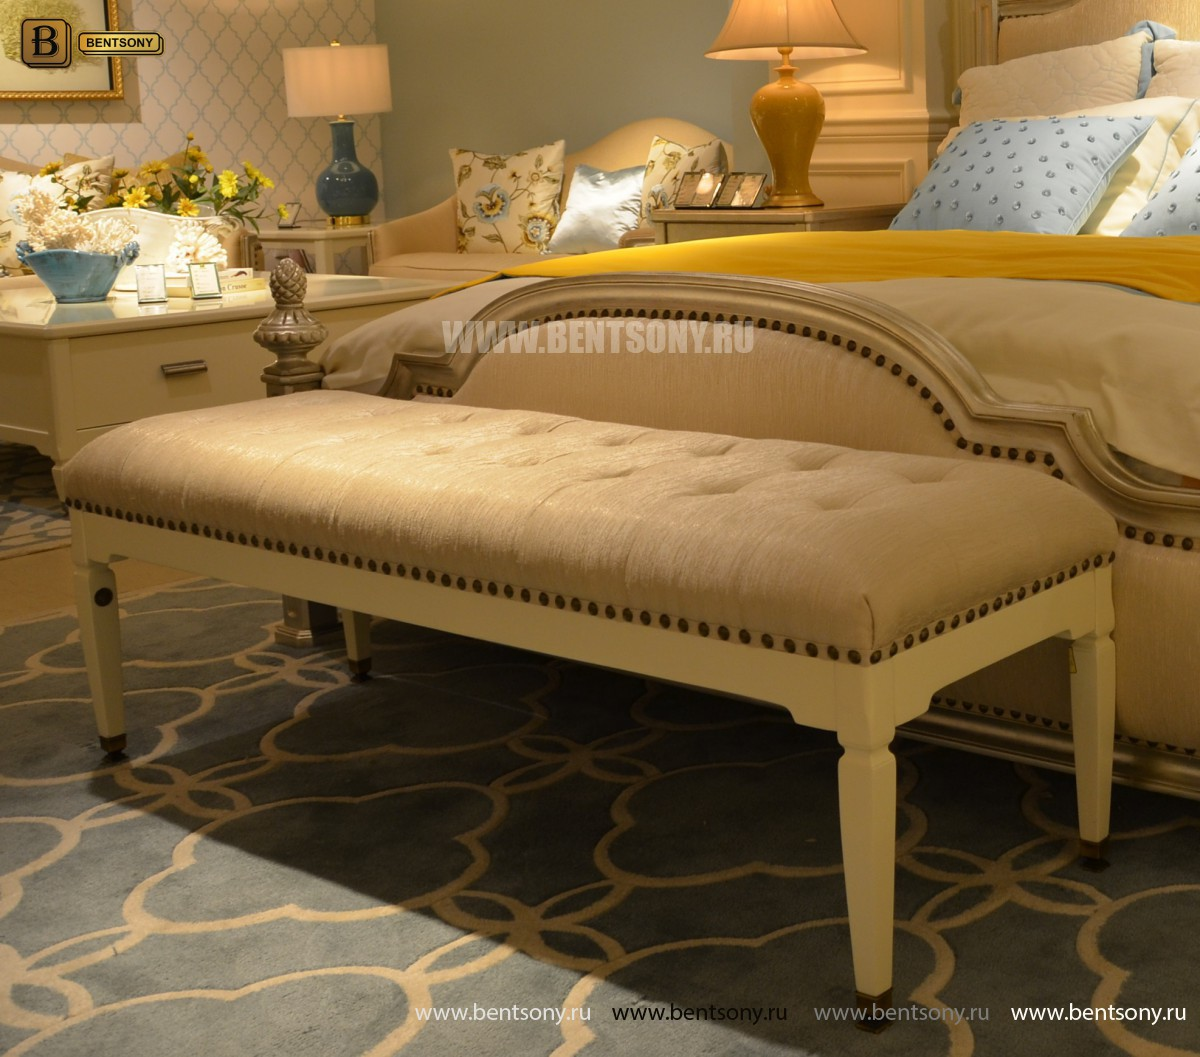 Оттоманка Фримонт-W классическая (Ткань) для квартиры